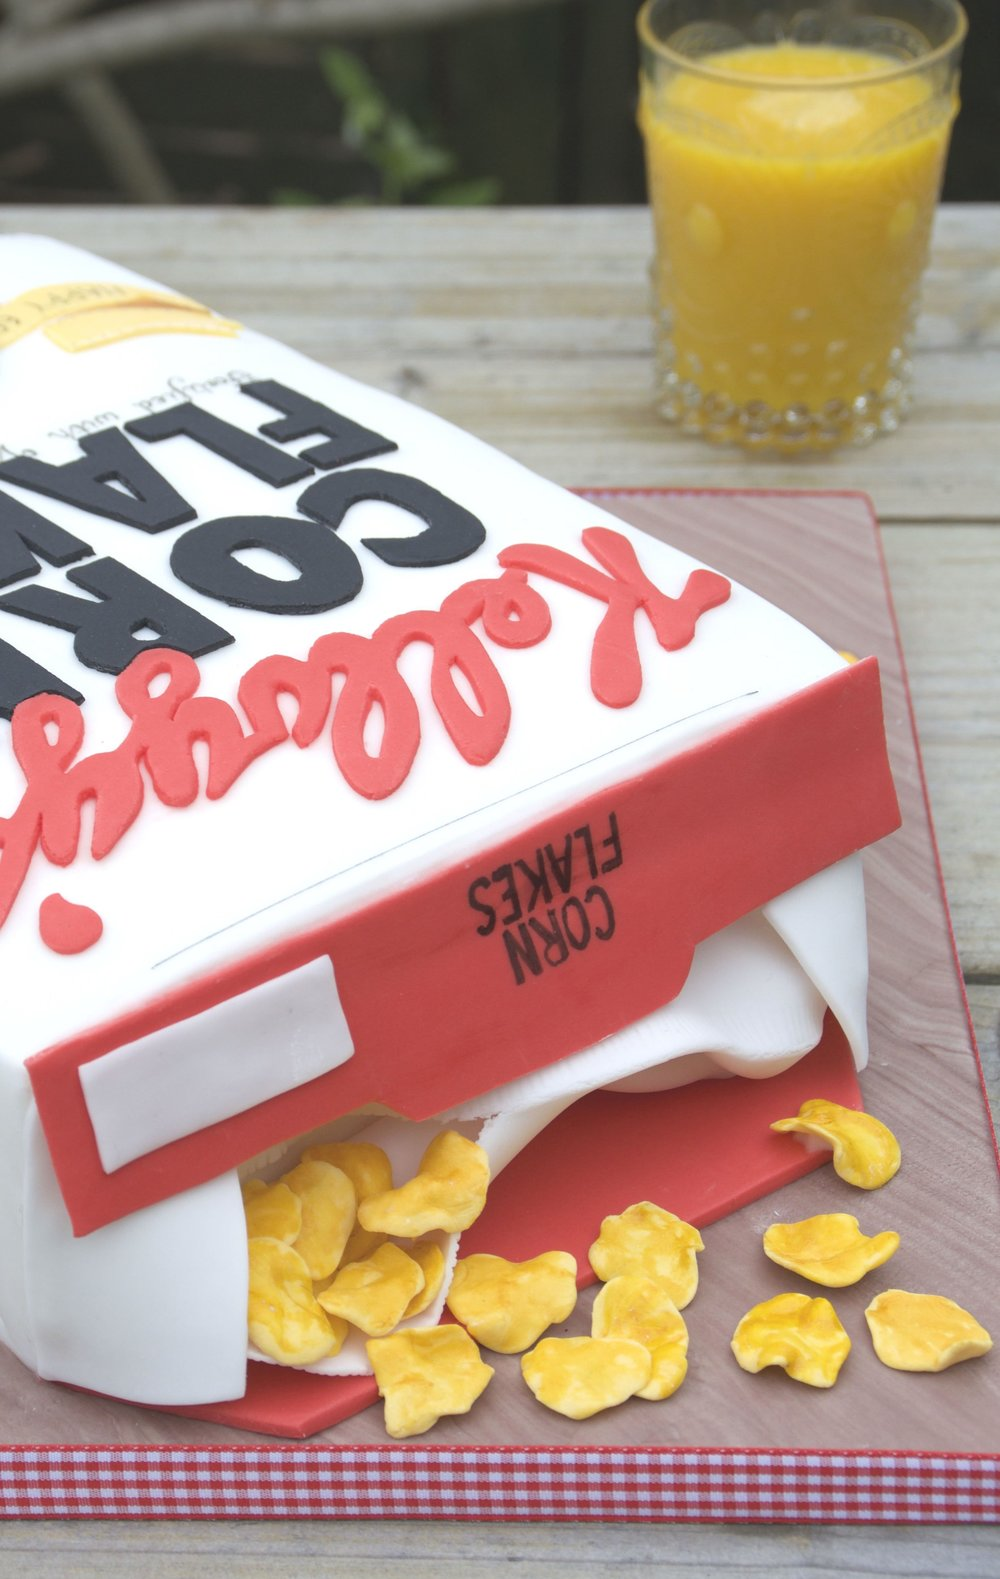 Kellogg's cornflake box birthday cake